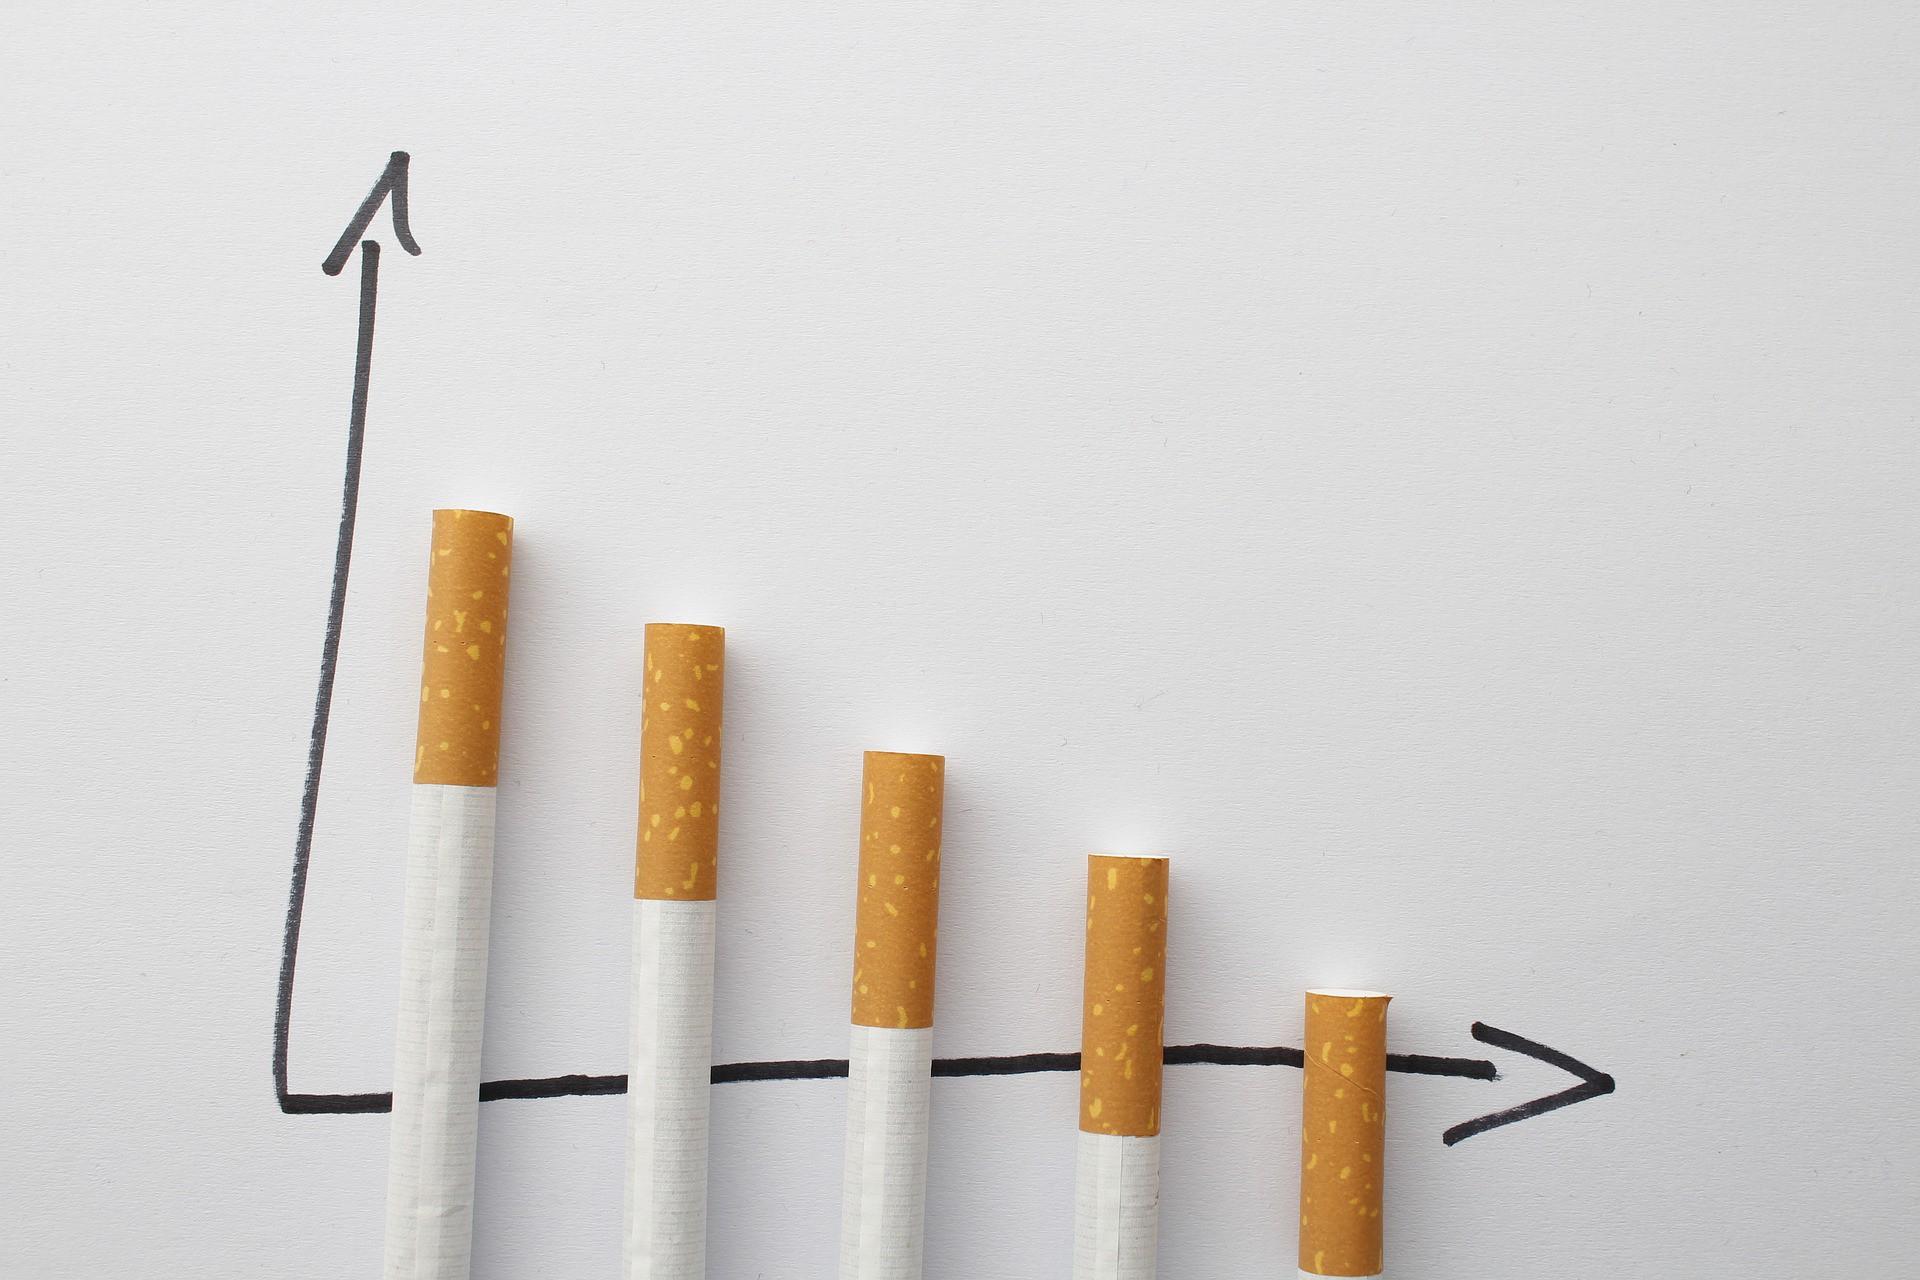 Tầm soát ung thư phổi ngay khi có các dấu hiệu này để tăng hiệu quả trong điều trị - Ảnh 1.